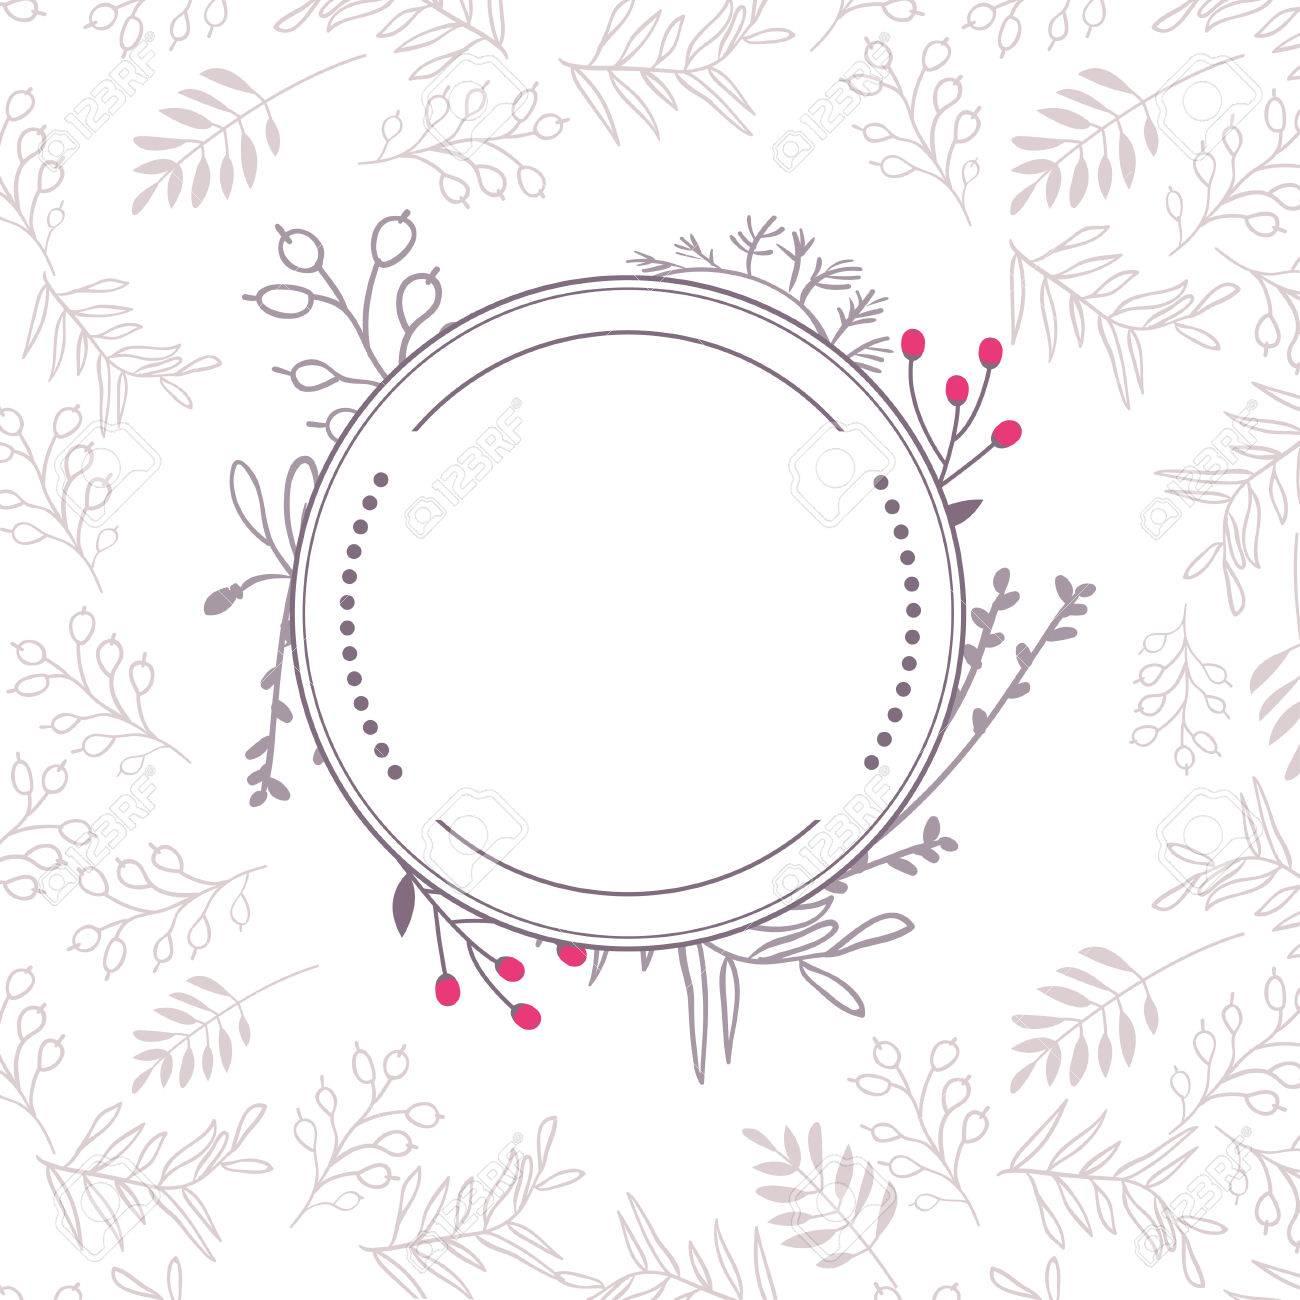 抽象的な秋ベクトル花の罫線カードのテンプレート フレーム デザイン